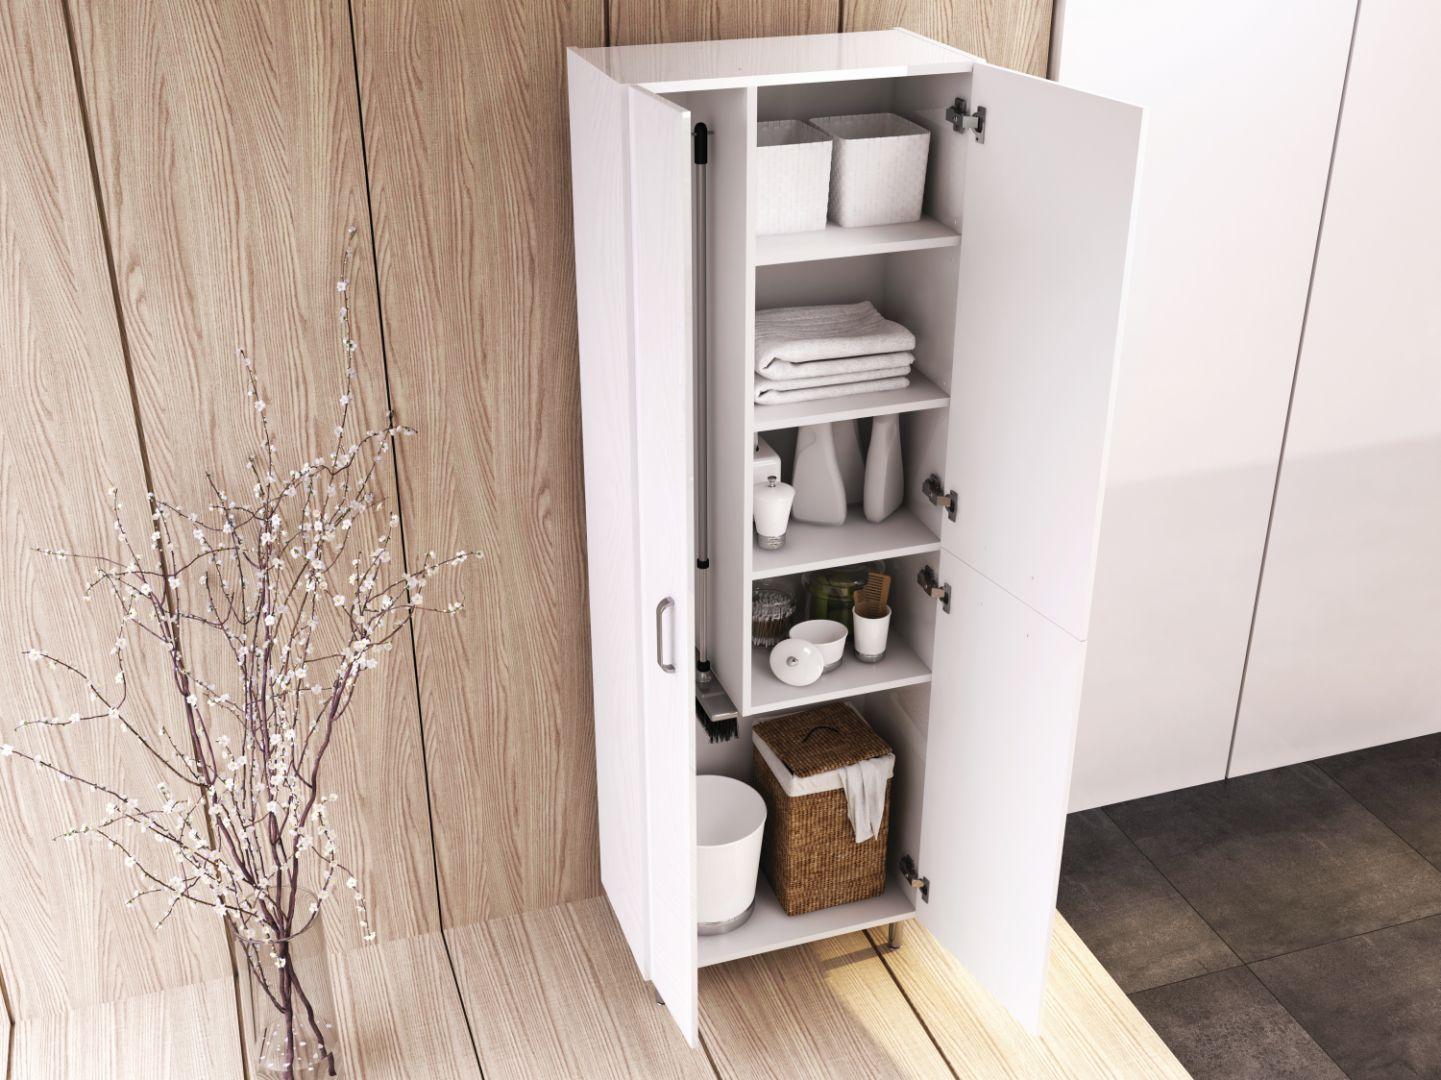 Amigo 60 3D – funkcjonalny słupek meblowy z miejscem na przechowywanie np. kosza na bieliznę. Cena: 872,07 zł. Fot. Elita